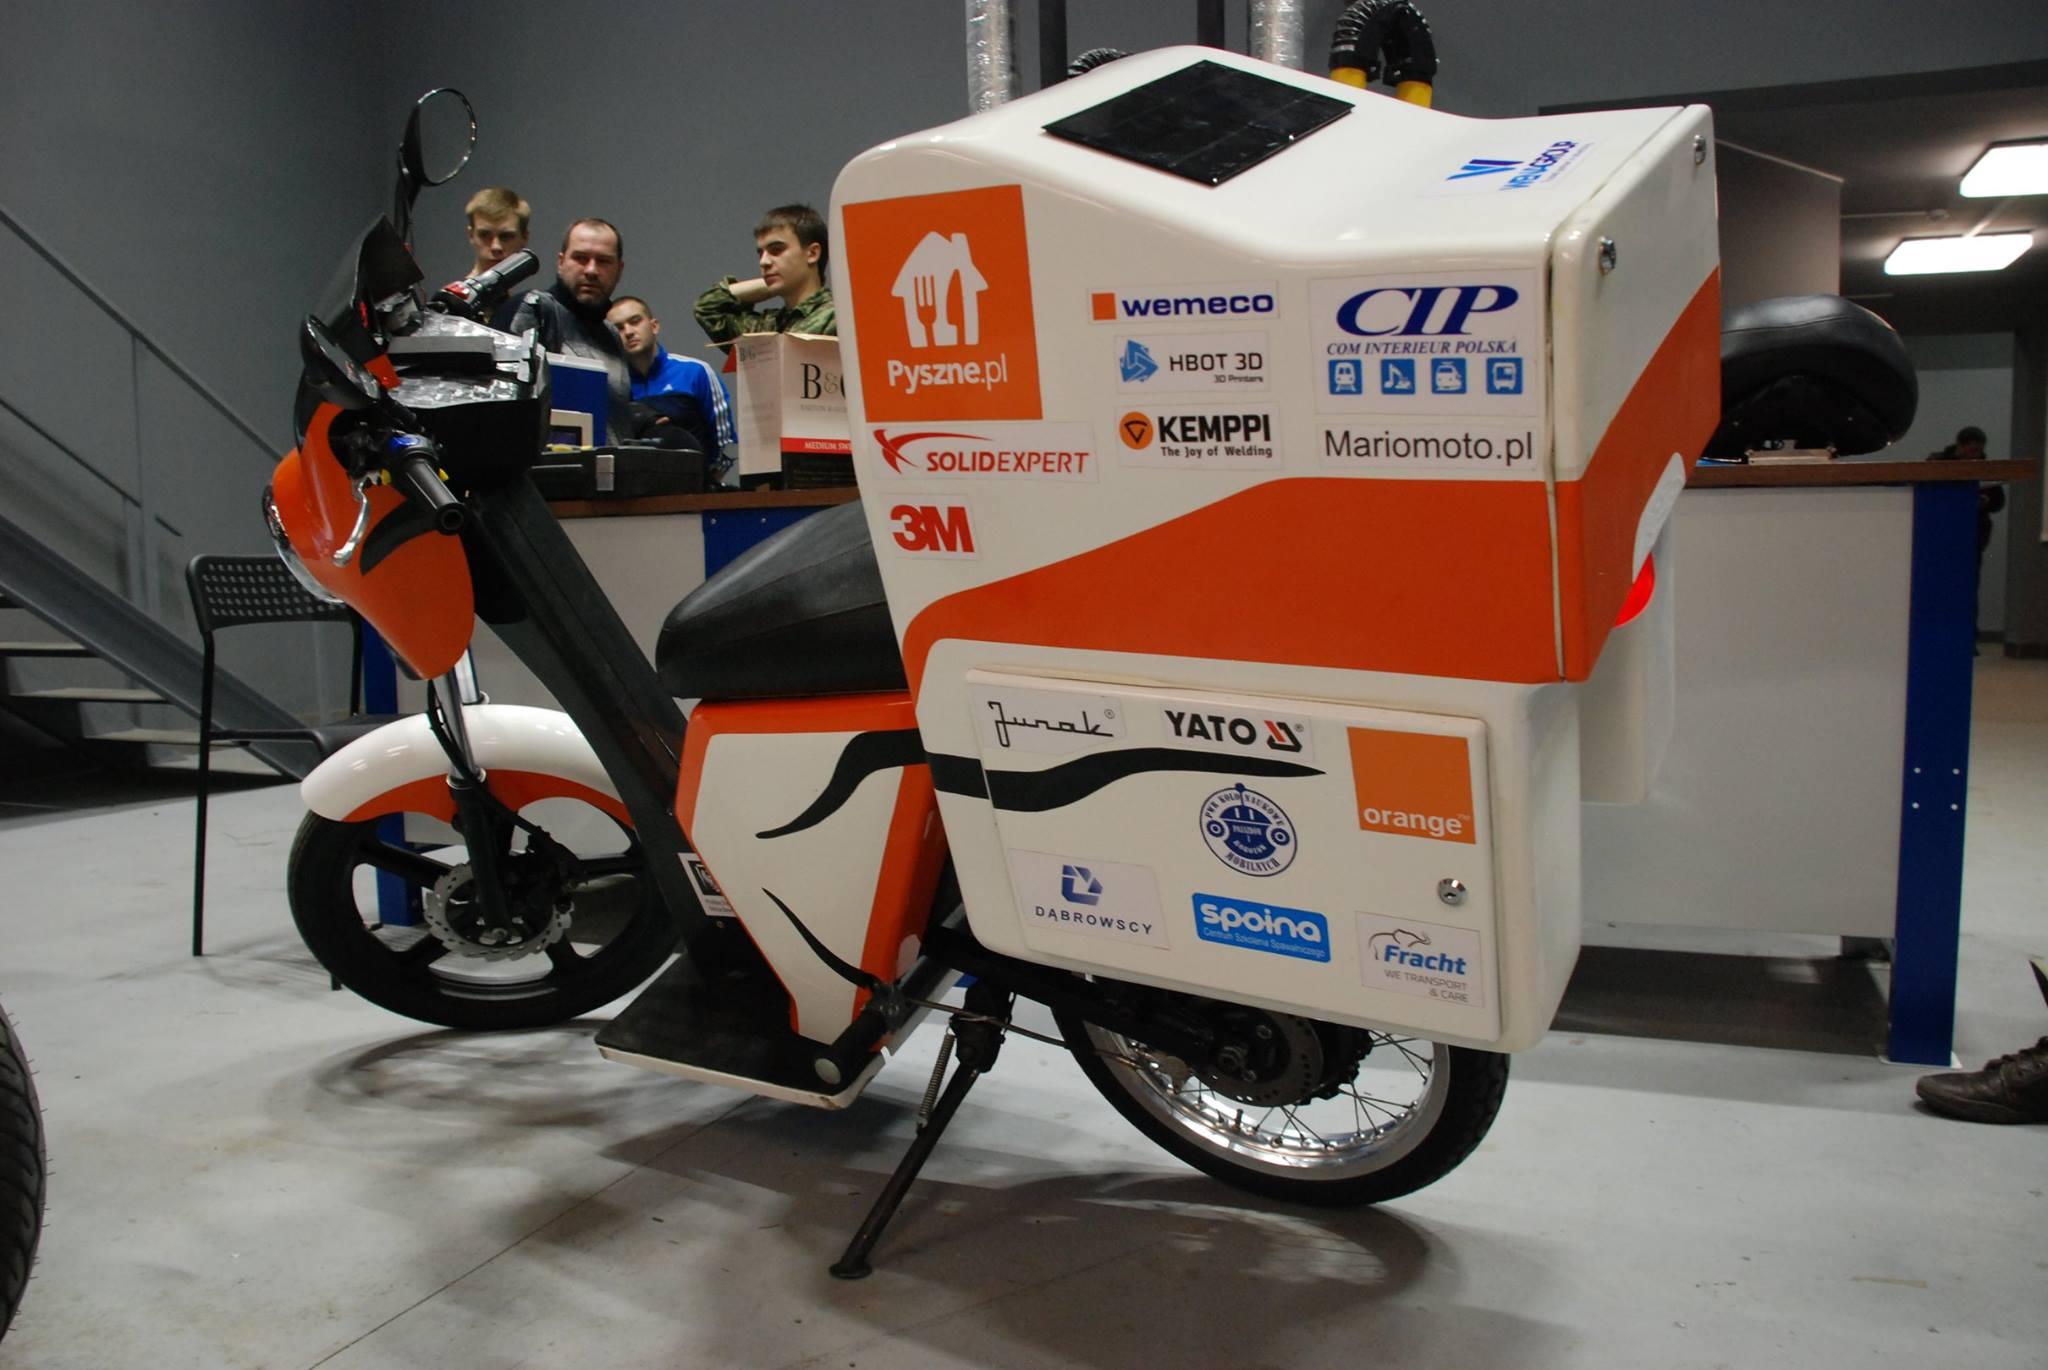 Młodzi Polacy zrobili już dwa elektryczne motocykle, które wygrały międzynarodowe konkursy. Teraz robią trzeci. Dla policji